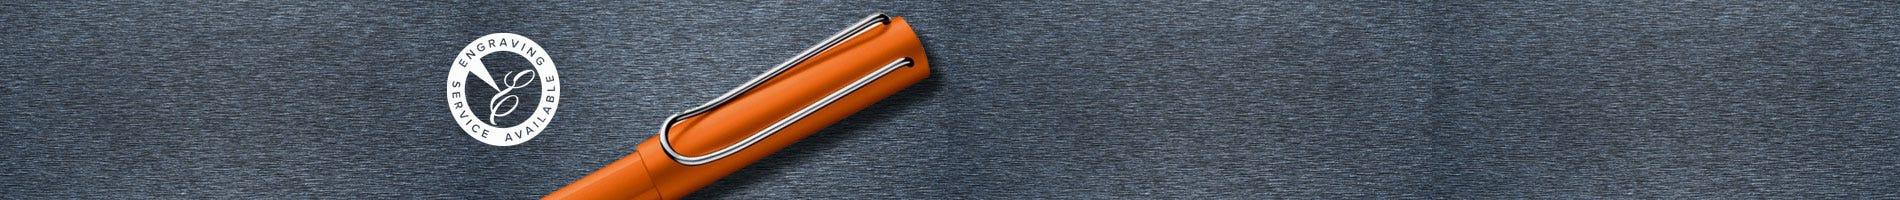 lamy bright orange fountain pen